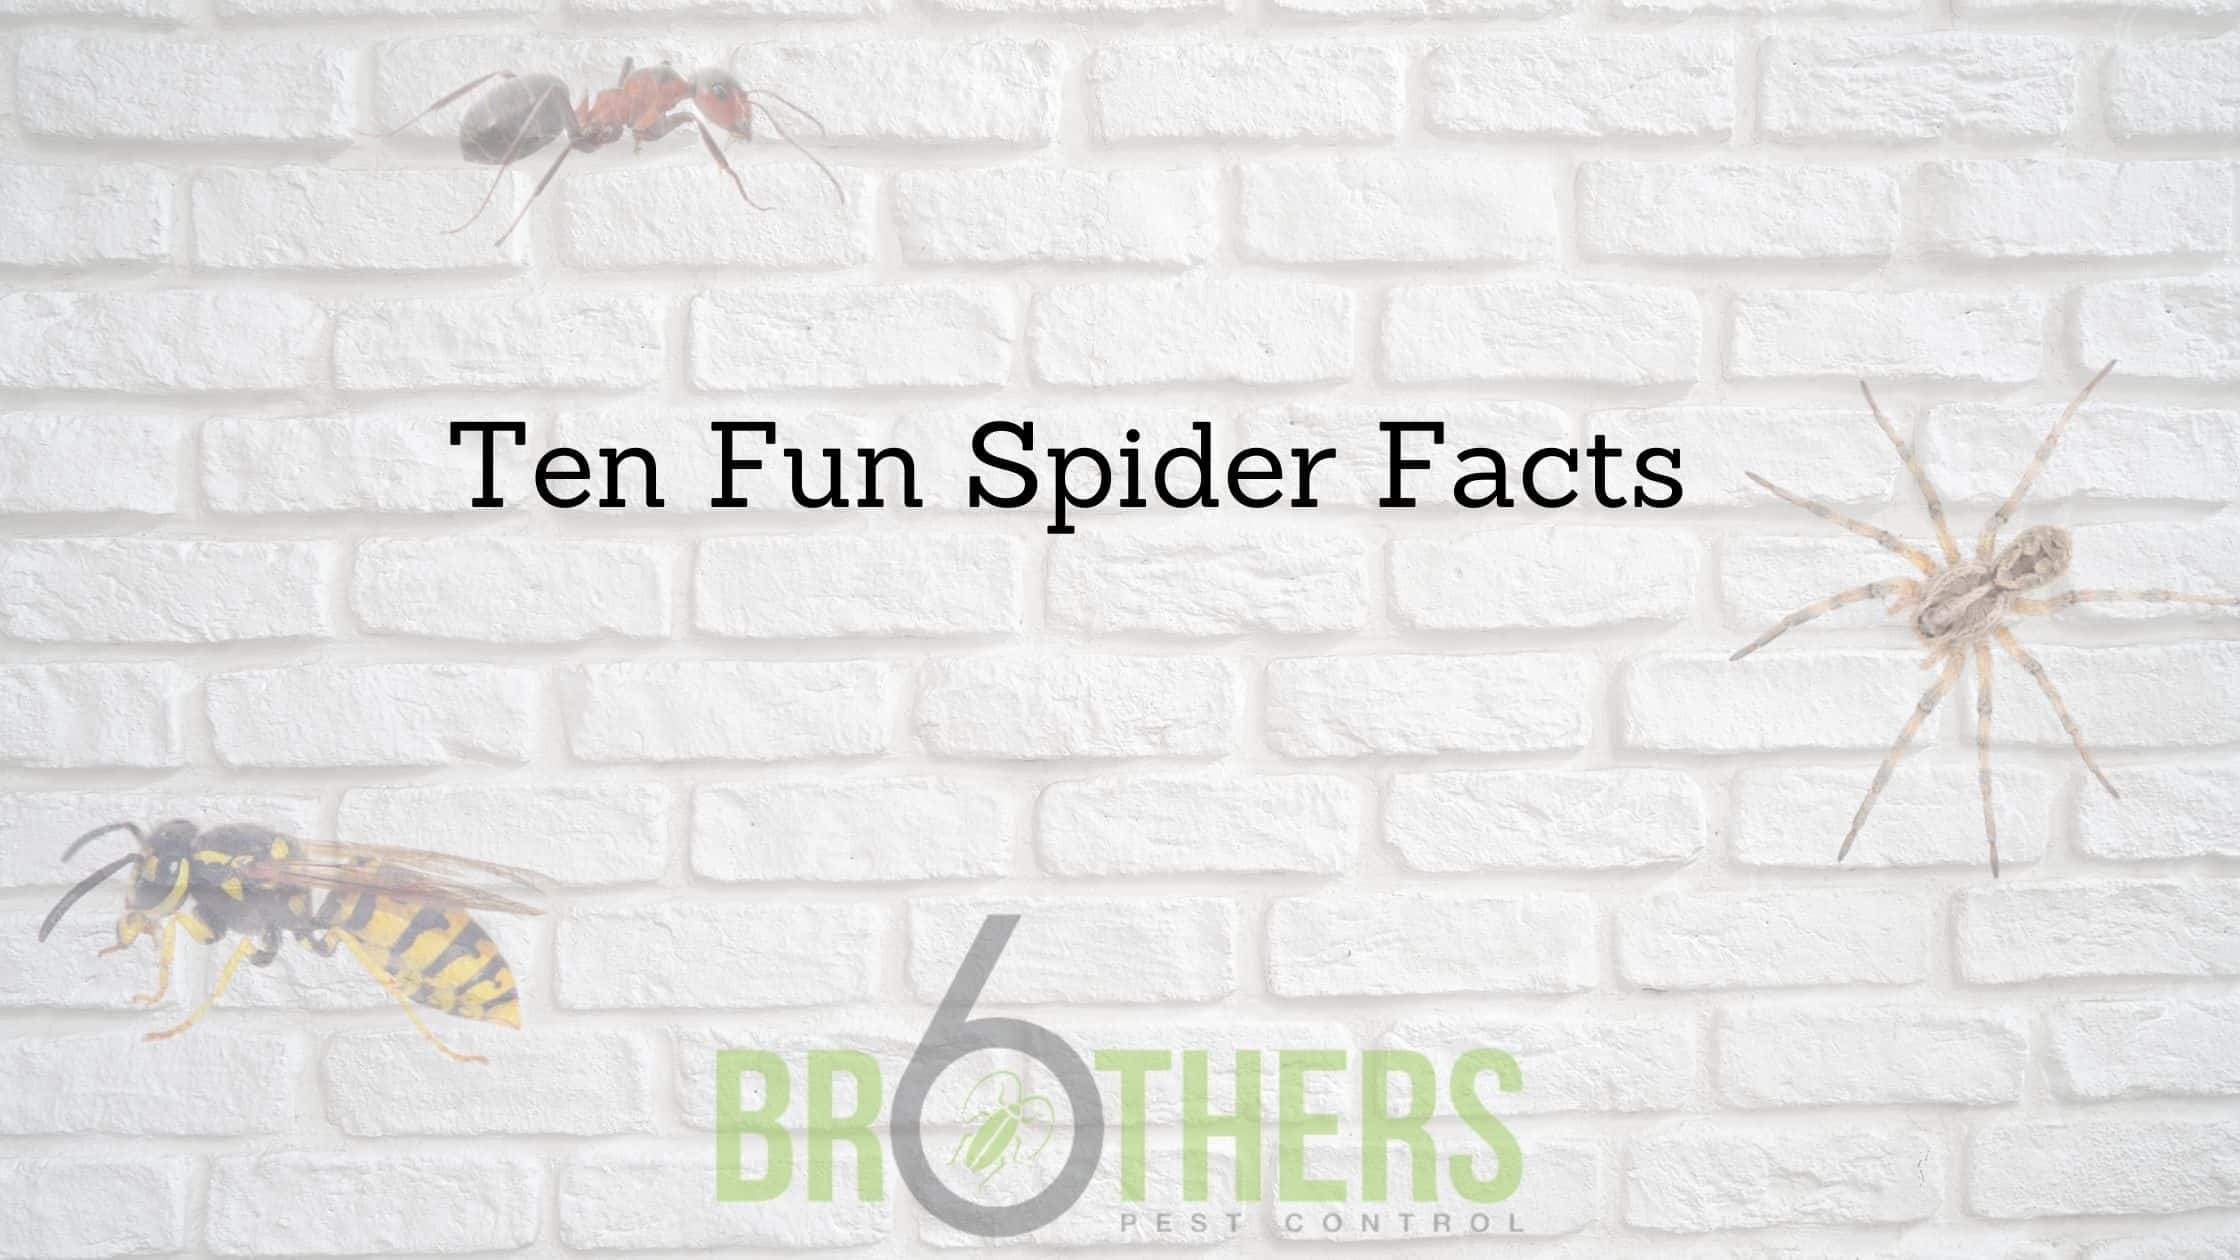 Ten Fun Spider Facts